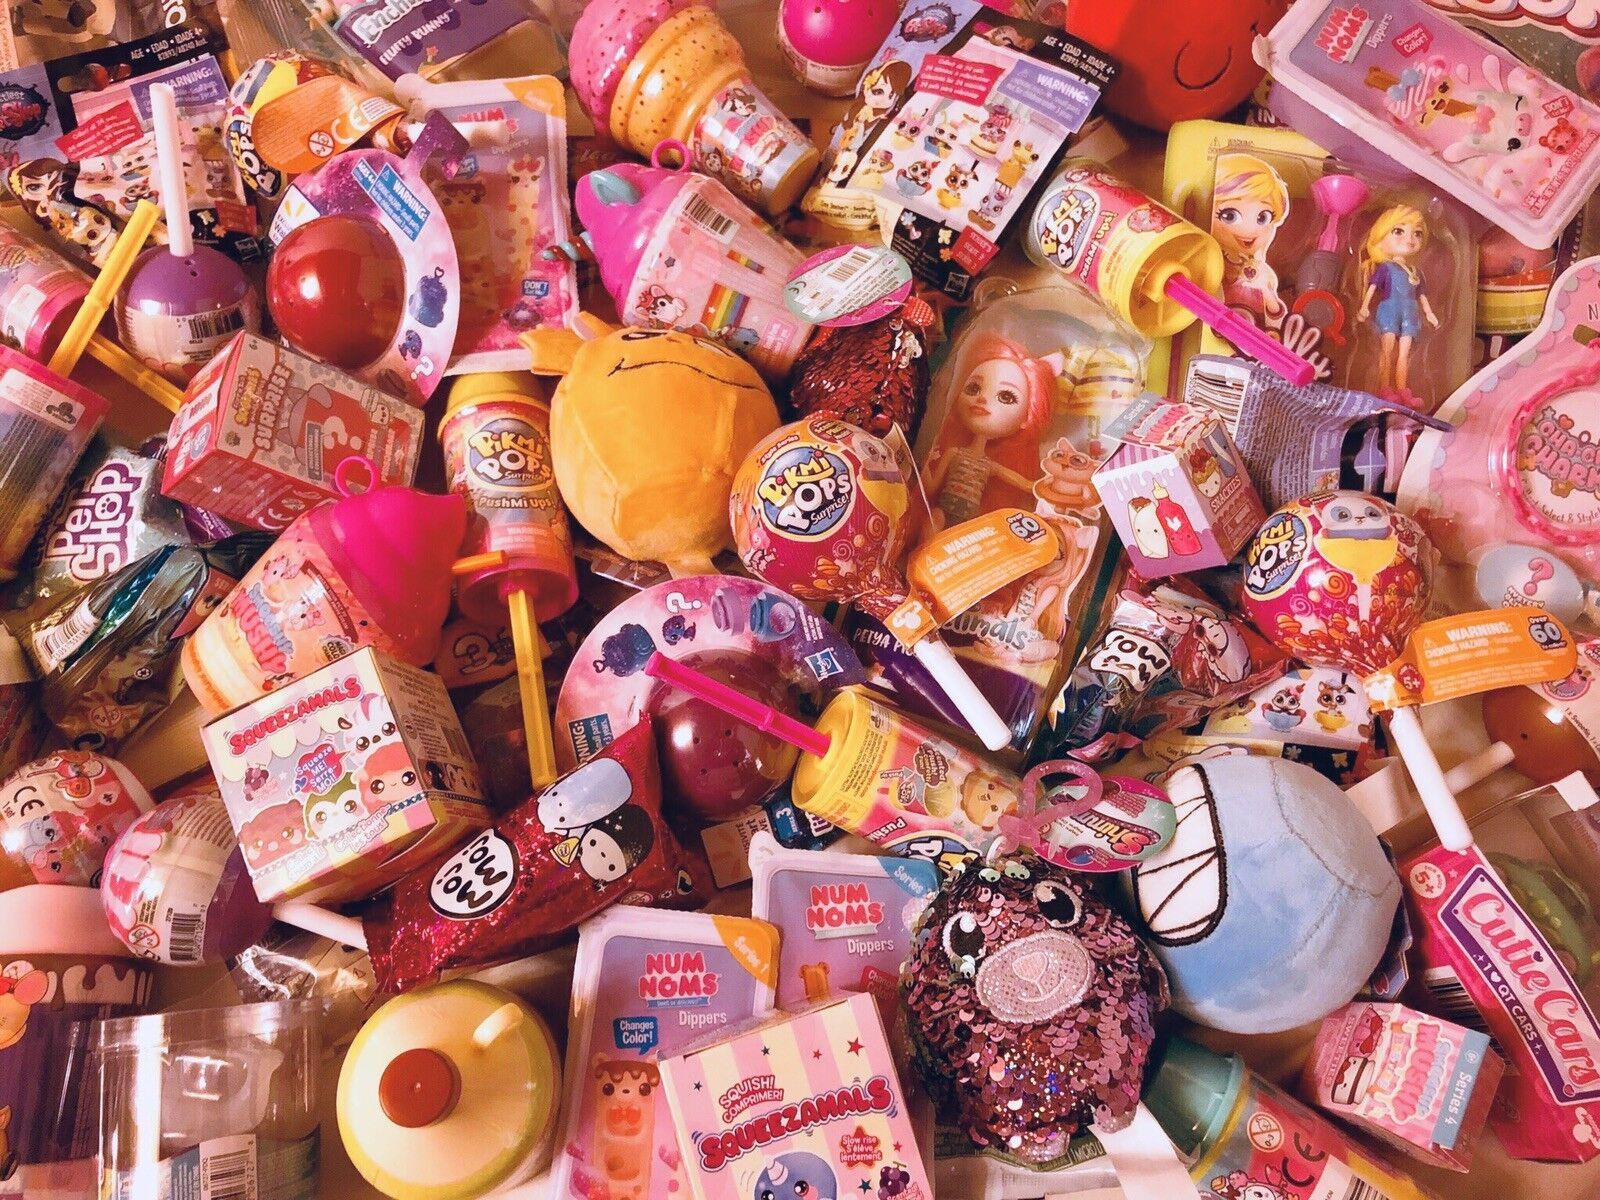 SURPRISE BLIND BAG LOT (6) RANDOM MOJ, NUM NOMS, SQUISHIES, PIKMI POP, LPS, LEGO